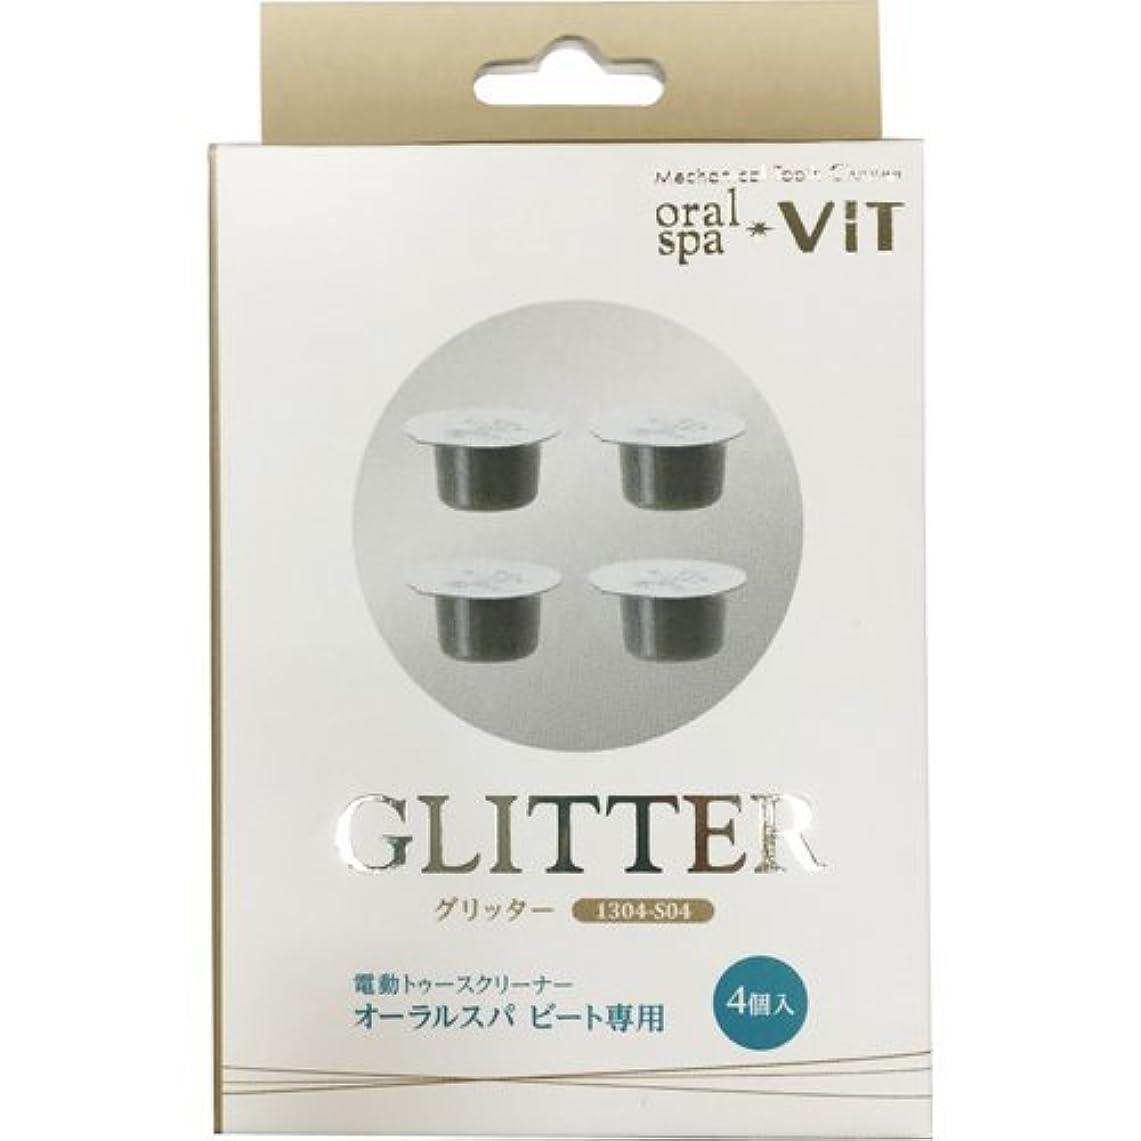 恥差別するコンパイル電動トゥースクリーナー oral spa VIT(オーラルスパビート)専用グリッター スペアミント 4個入